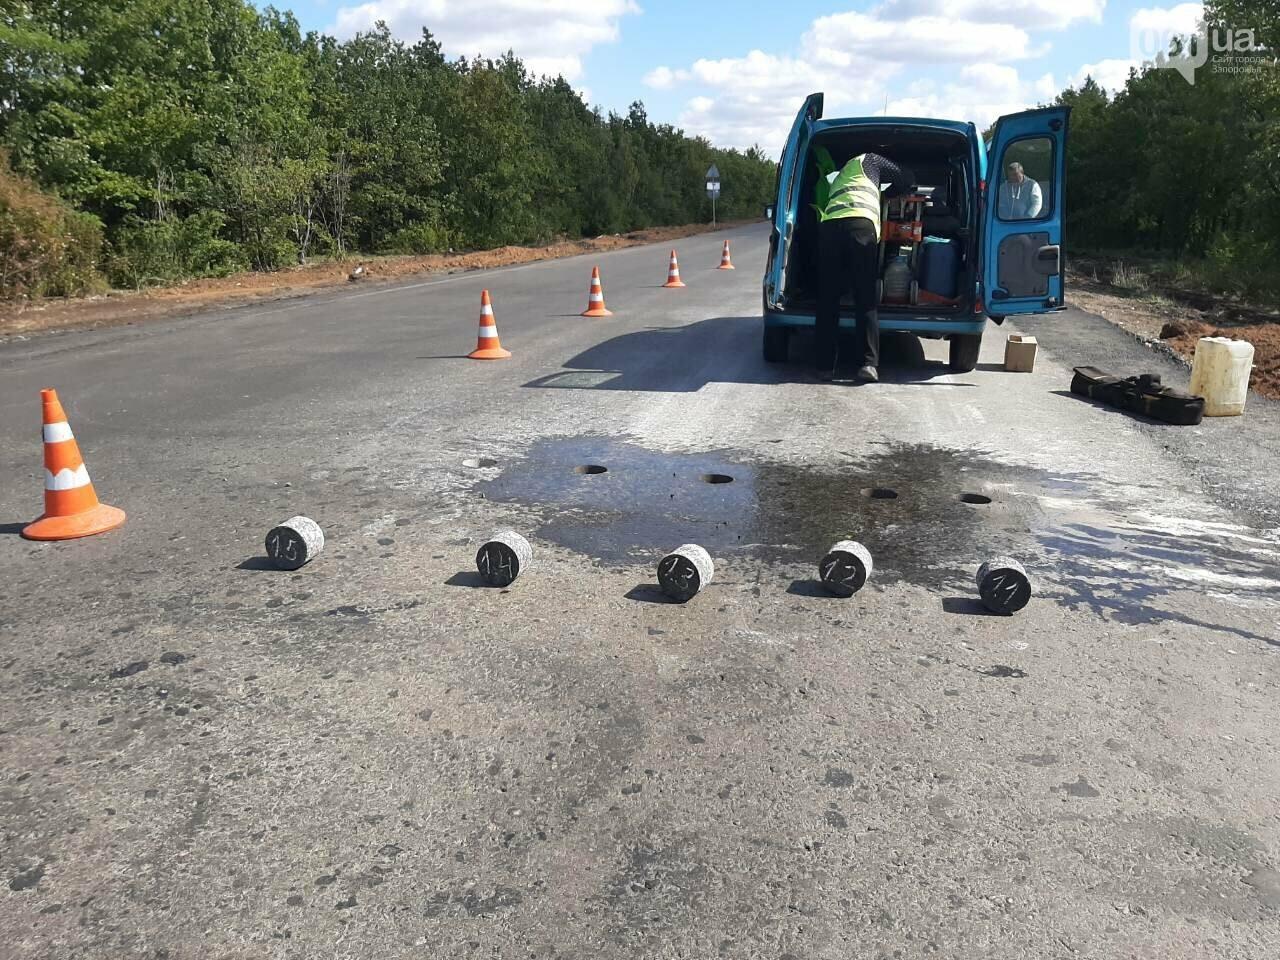 Сделали на 90%: на отремонтированной трассе Запорожье-Мариуполь наносят разметку и устанавливают знаки, фото-6